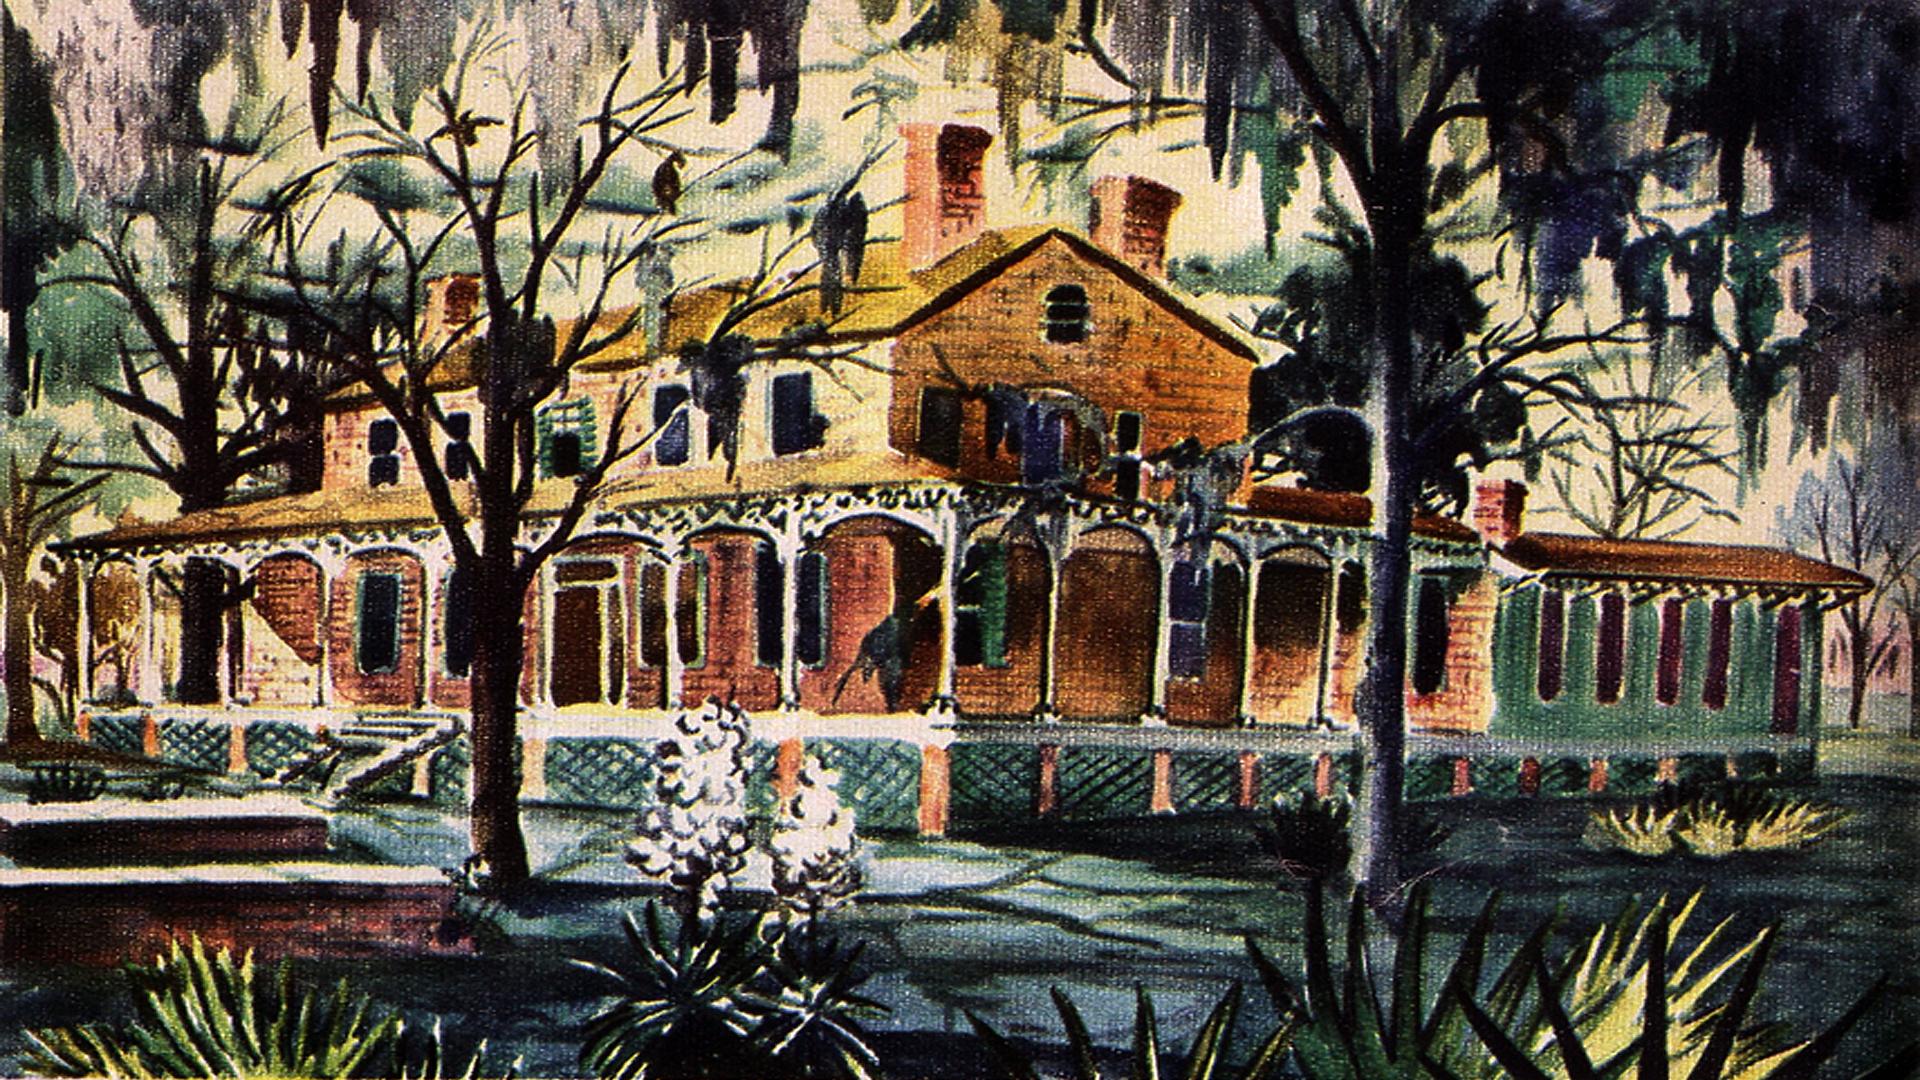 http://3.bp.blogspot.com/-qOKMkmoVCiQ/UDVhRsX9cAI/AAAAAAAAMzY/ew-t2yRyrOU/s4000/Ben+Earl+Looney+1956+Hawkins+Hospital+Wallpaper.jpg